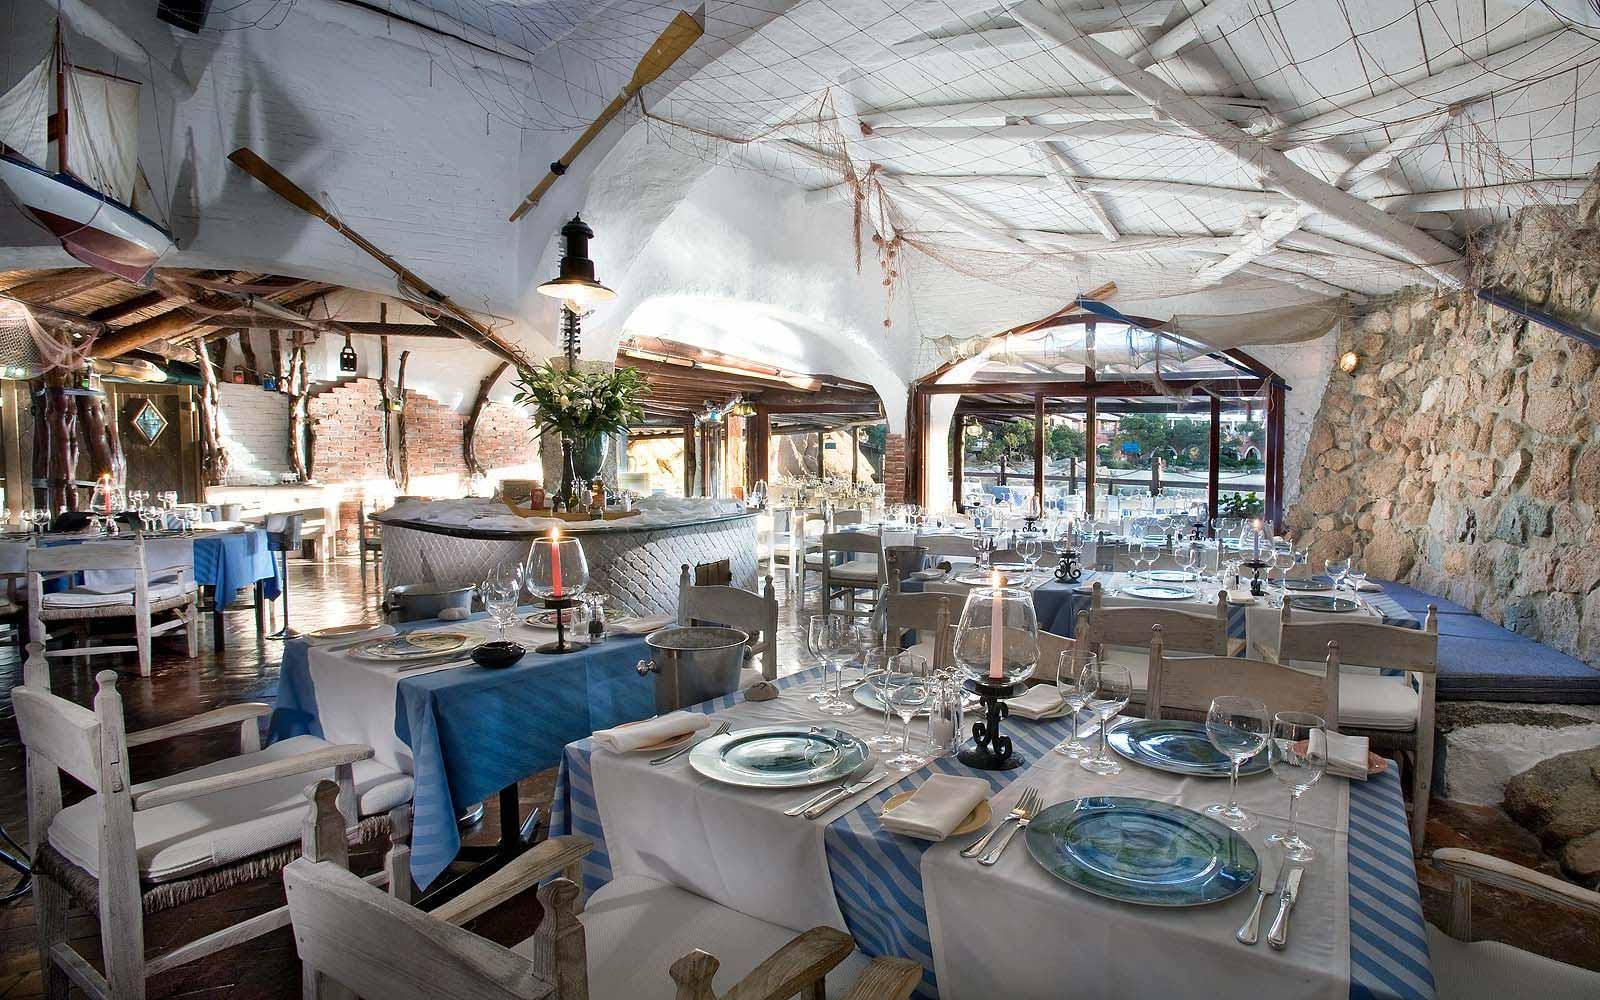 Il Pescatore Restaurant in Costa Smeralda